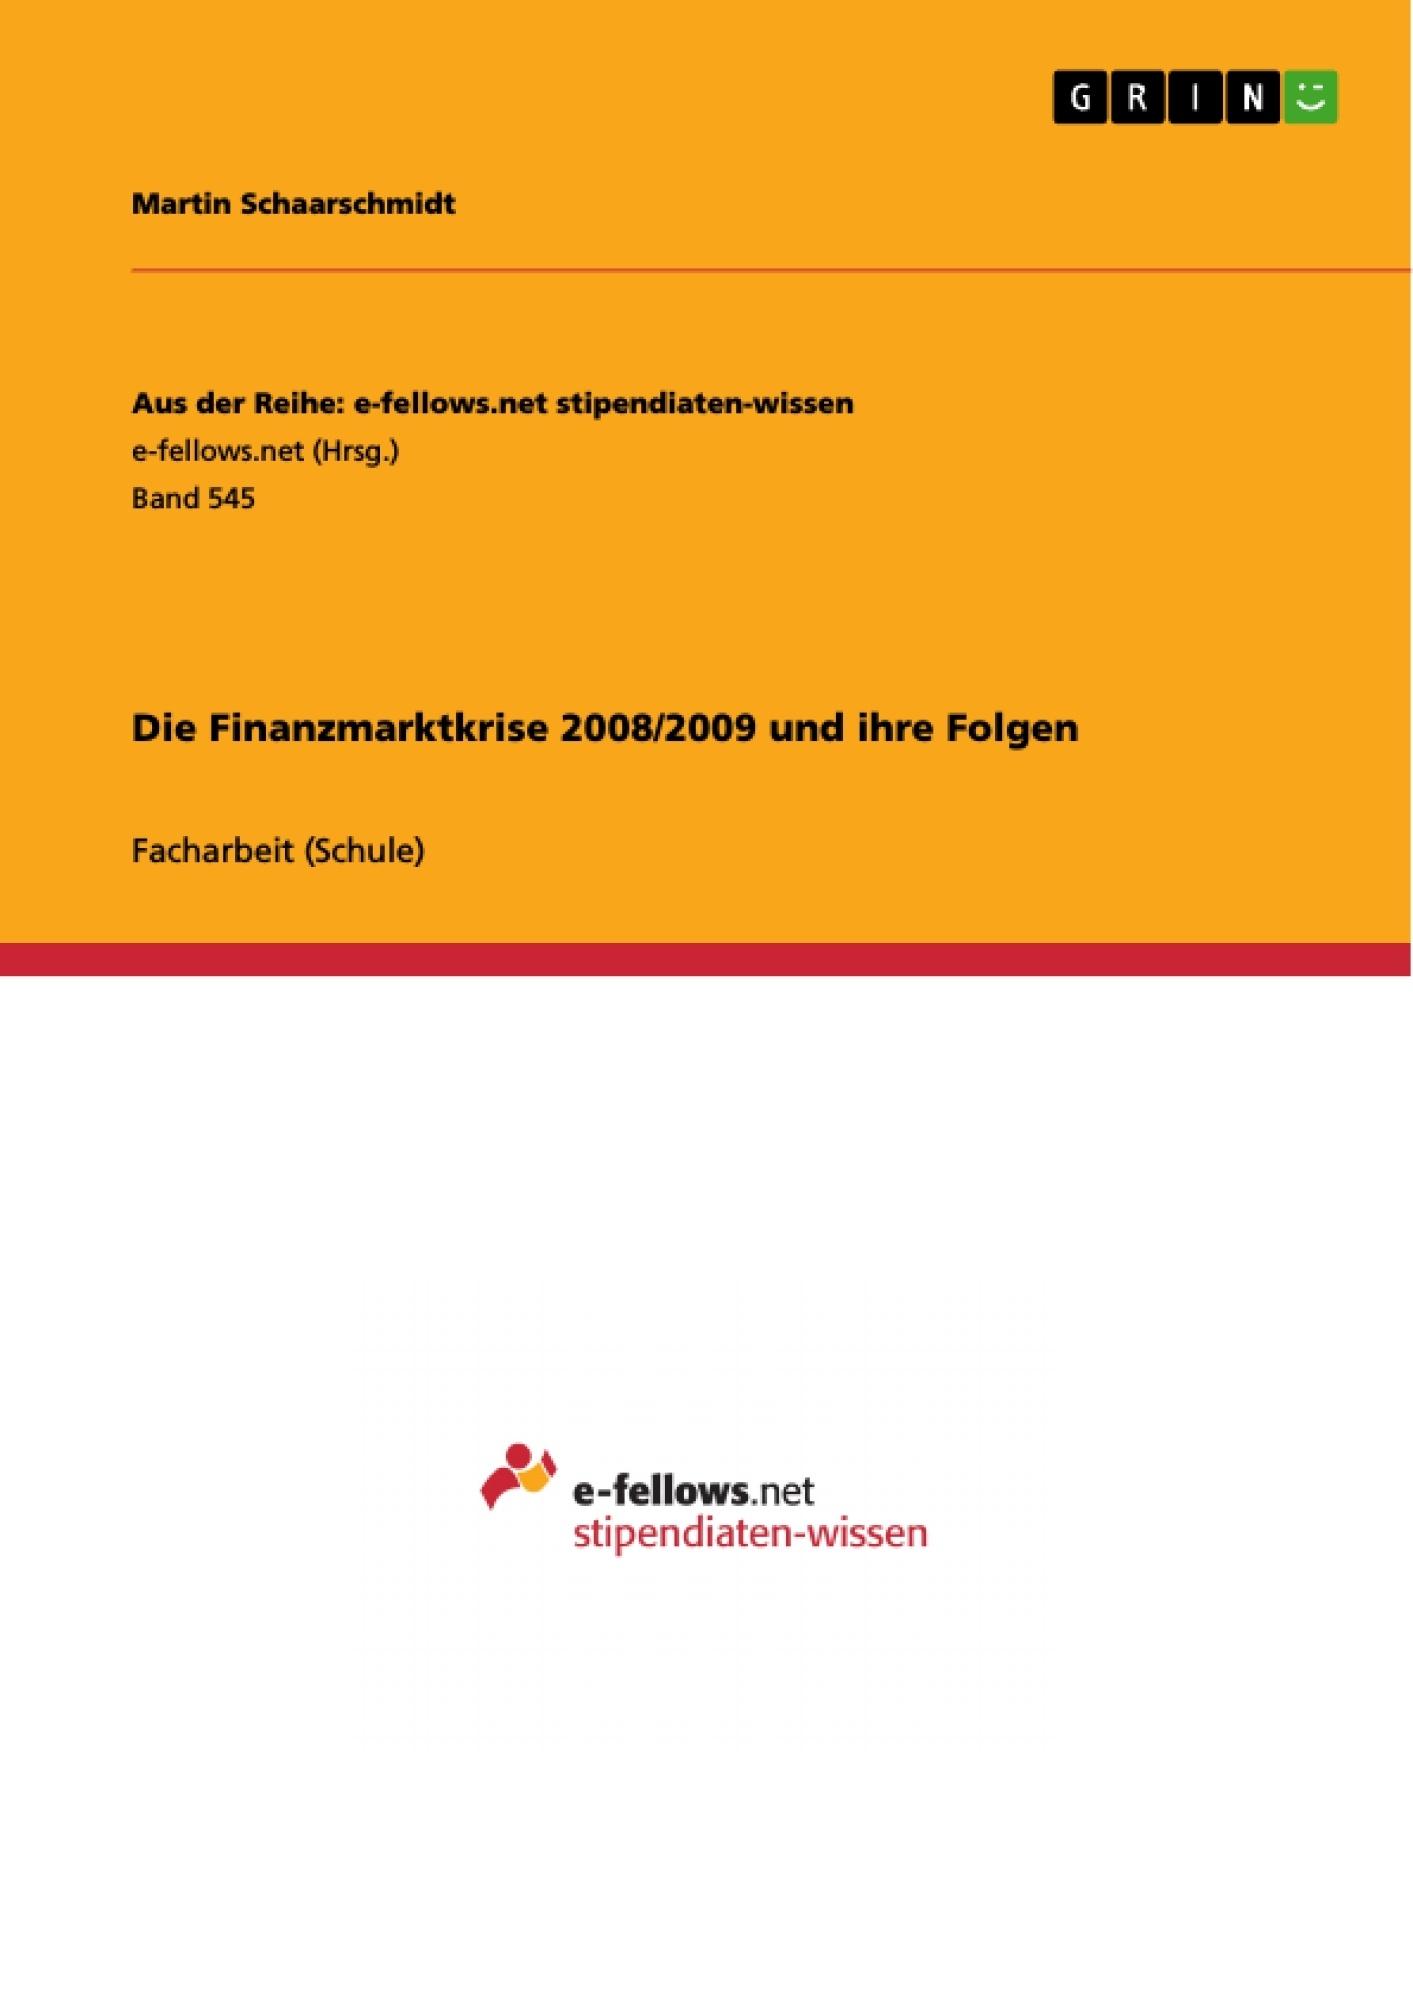 Die Finanzmarktkrise 2008/2009 und ihre Folgen | Masterarbeit ...